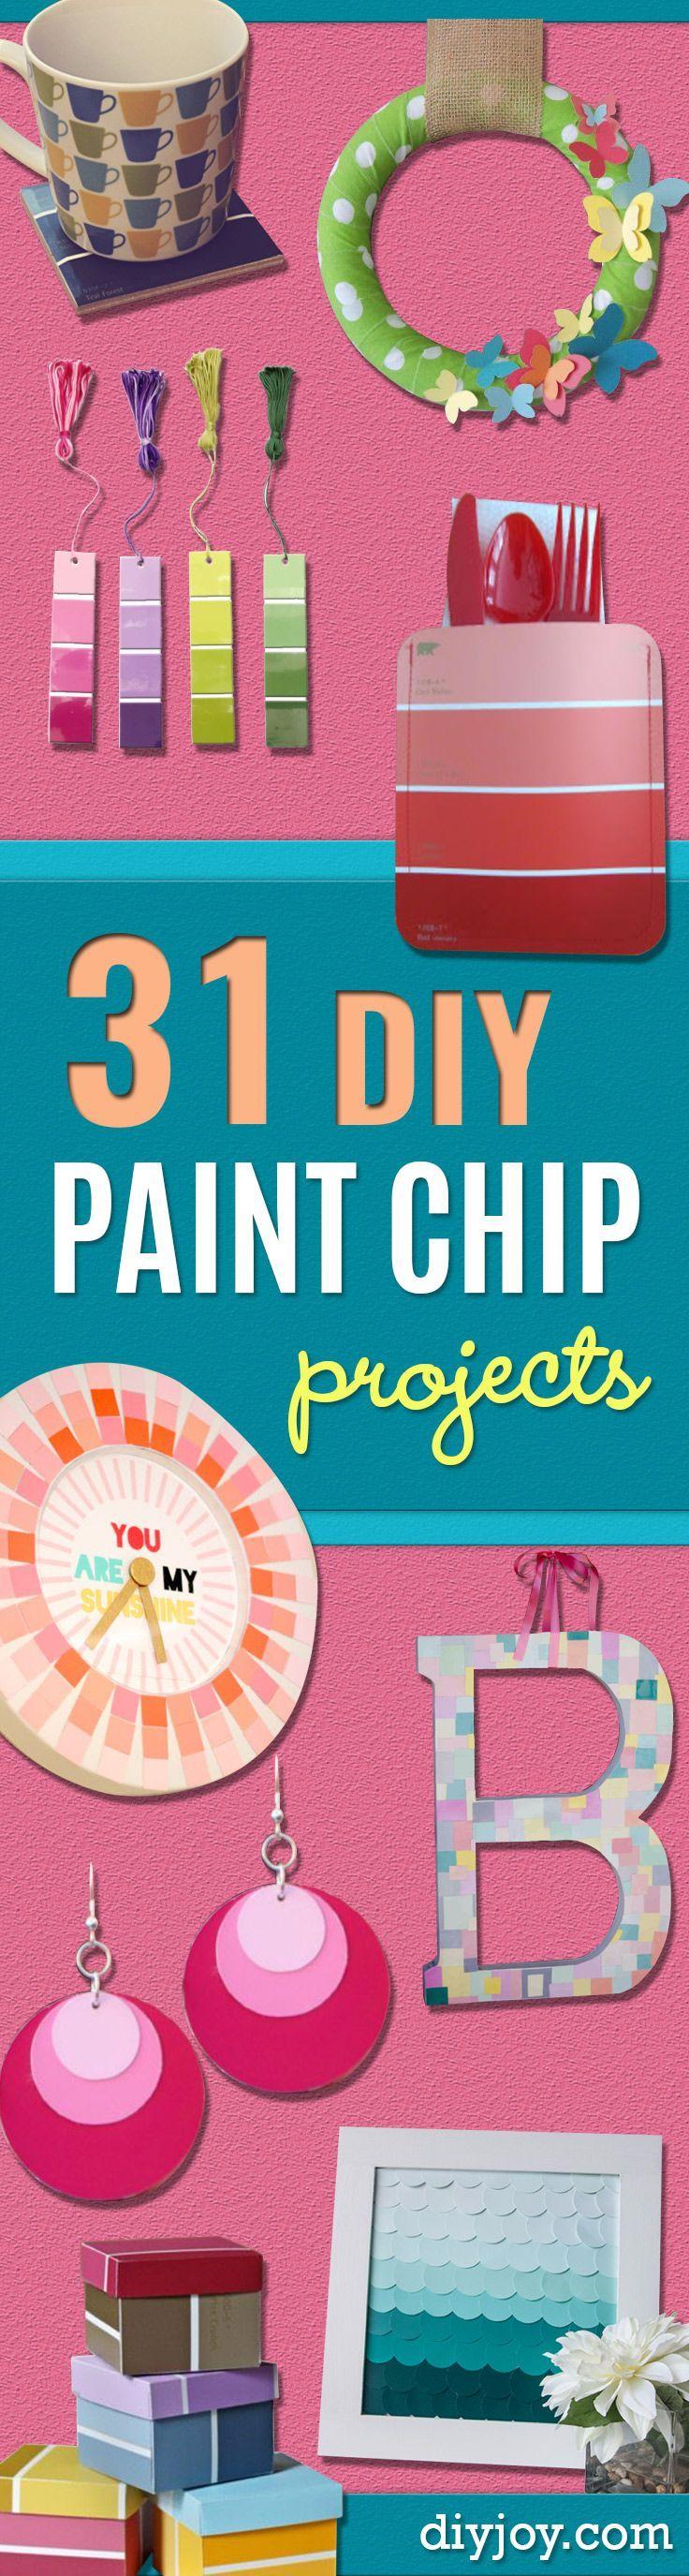 best 25 paint chips ideas on pinterest paint samples paint